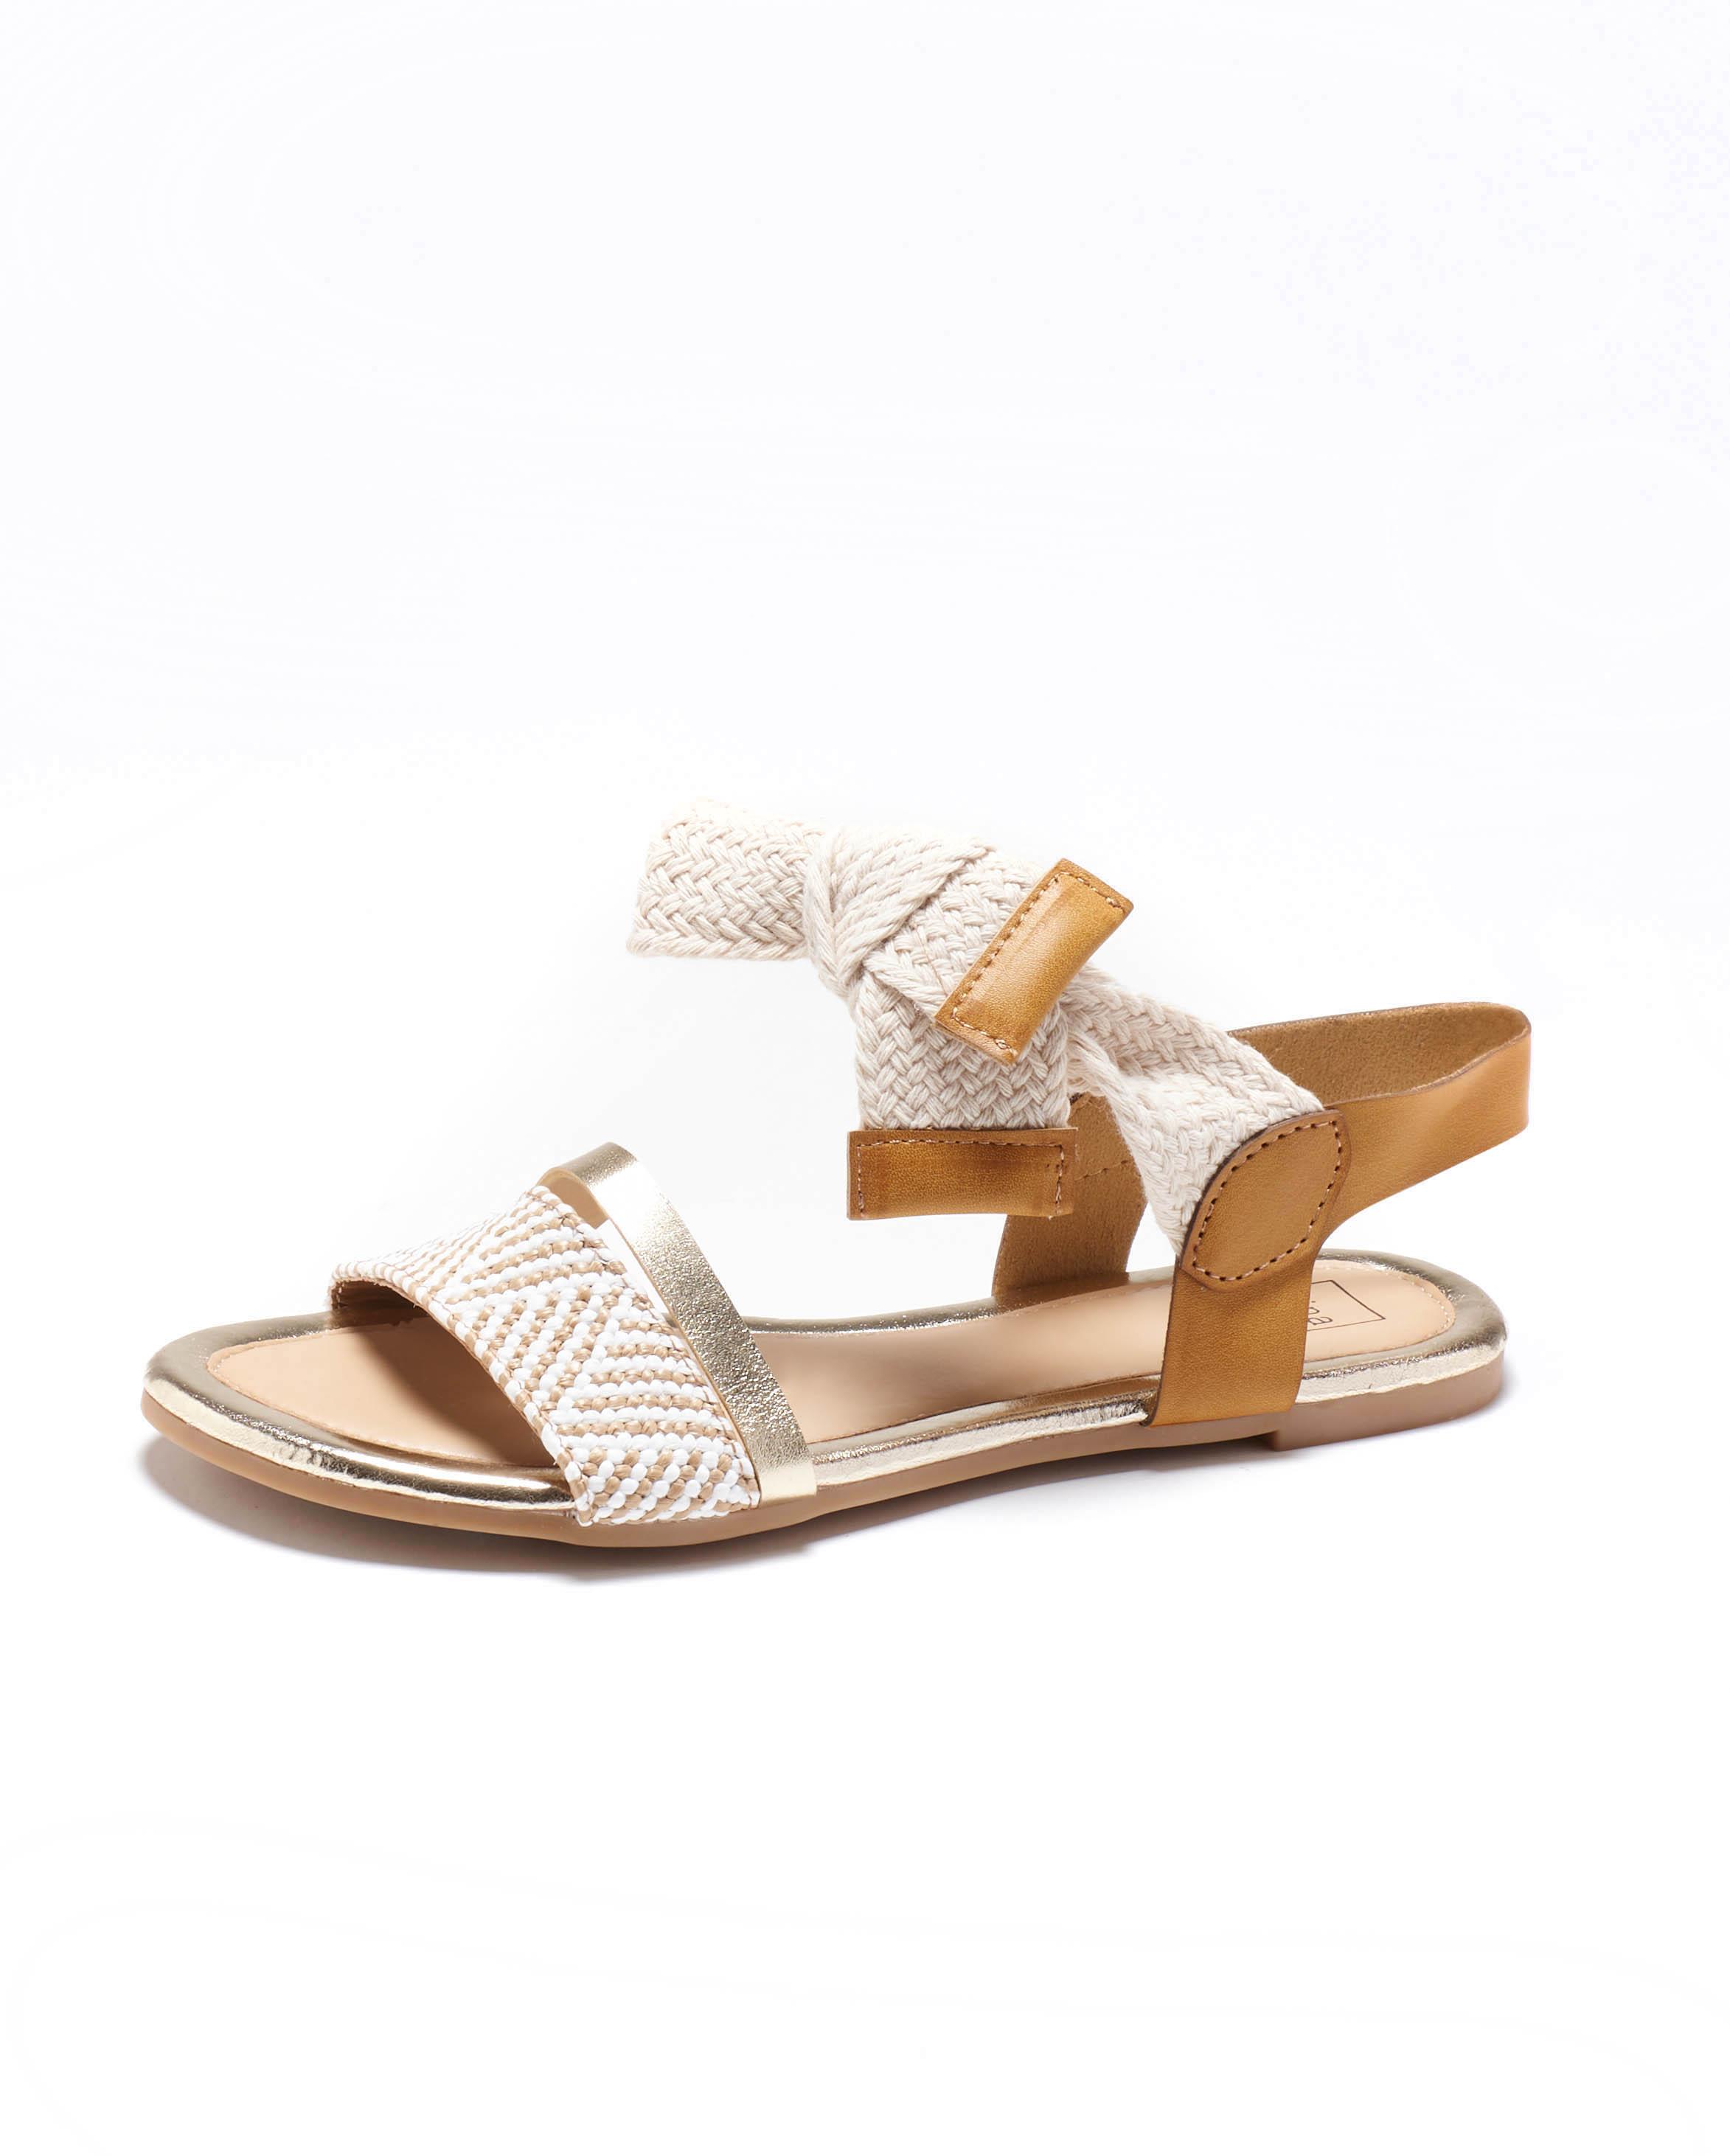 Sandales Plates Femme - Sandale Plate Camel Jina - Fs201029-02